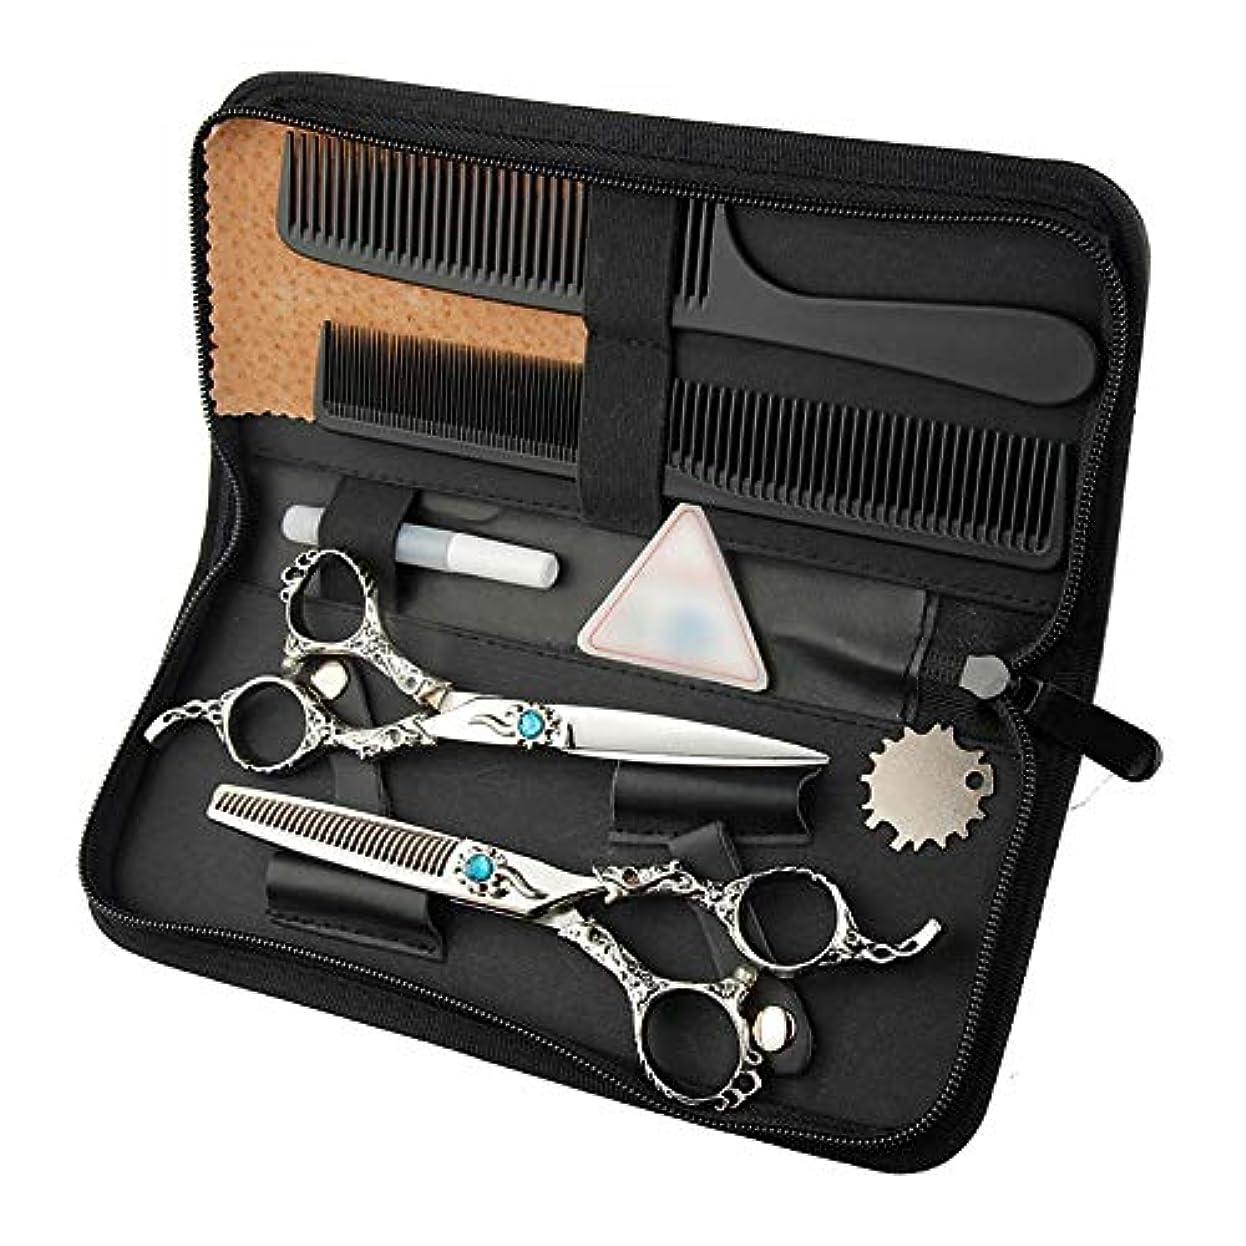 学校の先生コンパクトスポンジ6インチ美容院プロフェッショナル理髪セット、フラットシザー+歯シザーレトロハンドルハサミセット ヘアケア (色 : Silver)